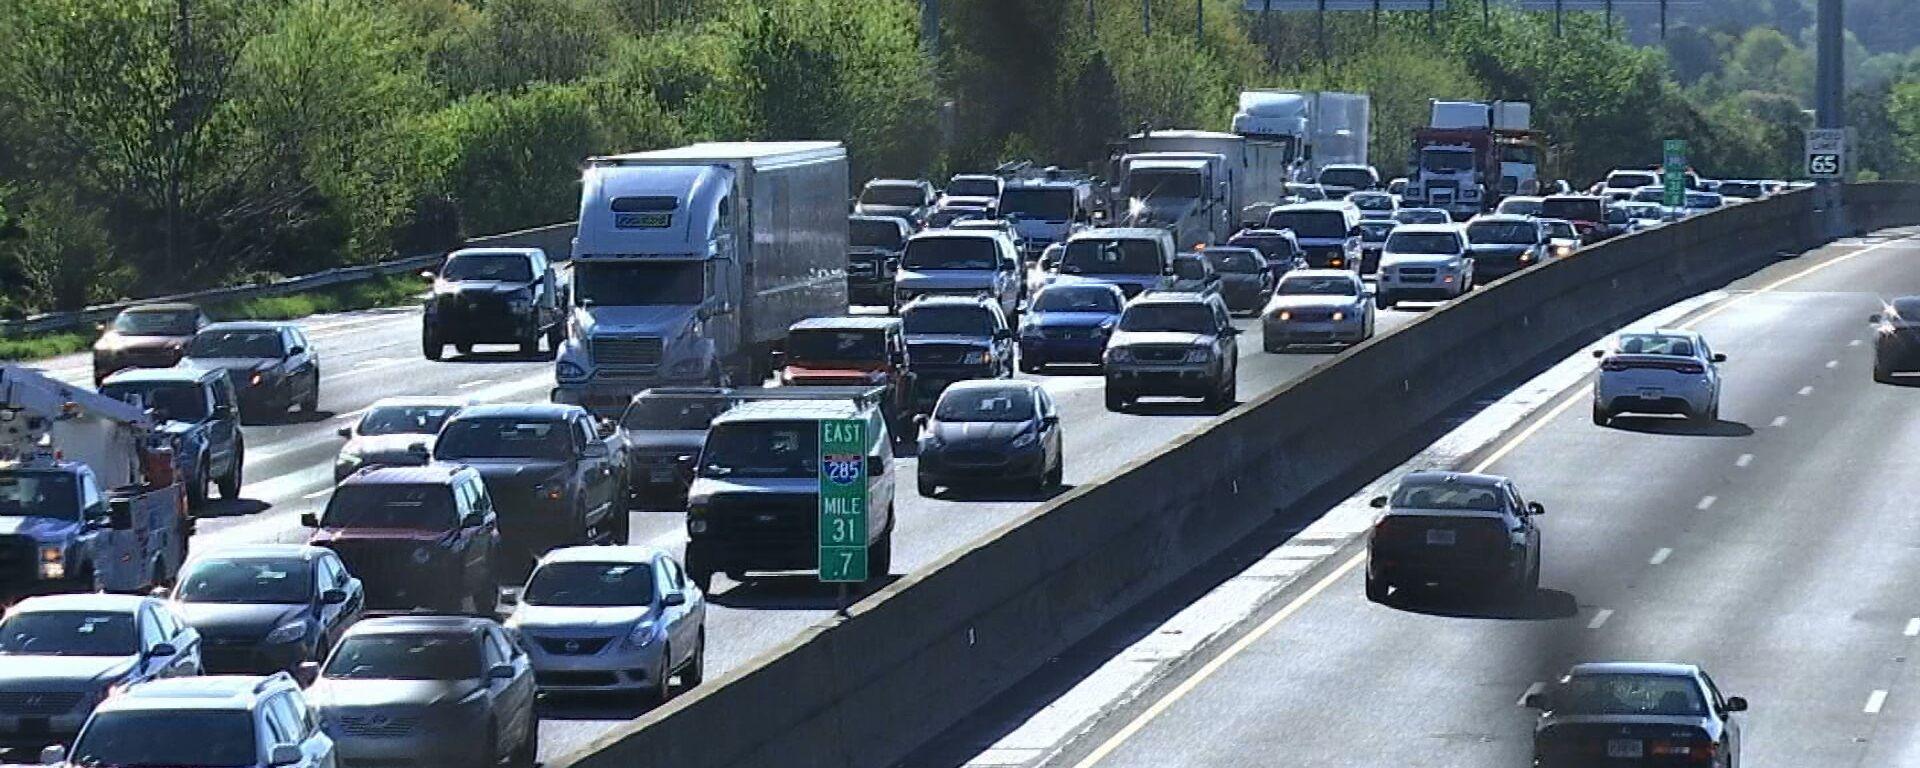 Traffico su un'autostrada - Sputnik Italia, 1920, 05.08.2021